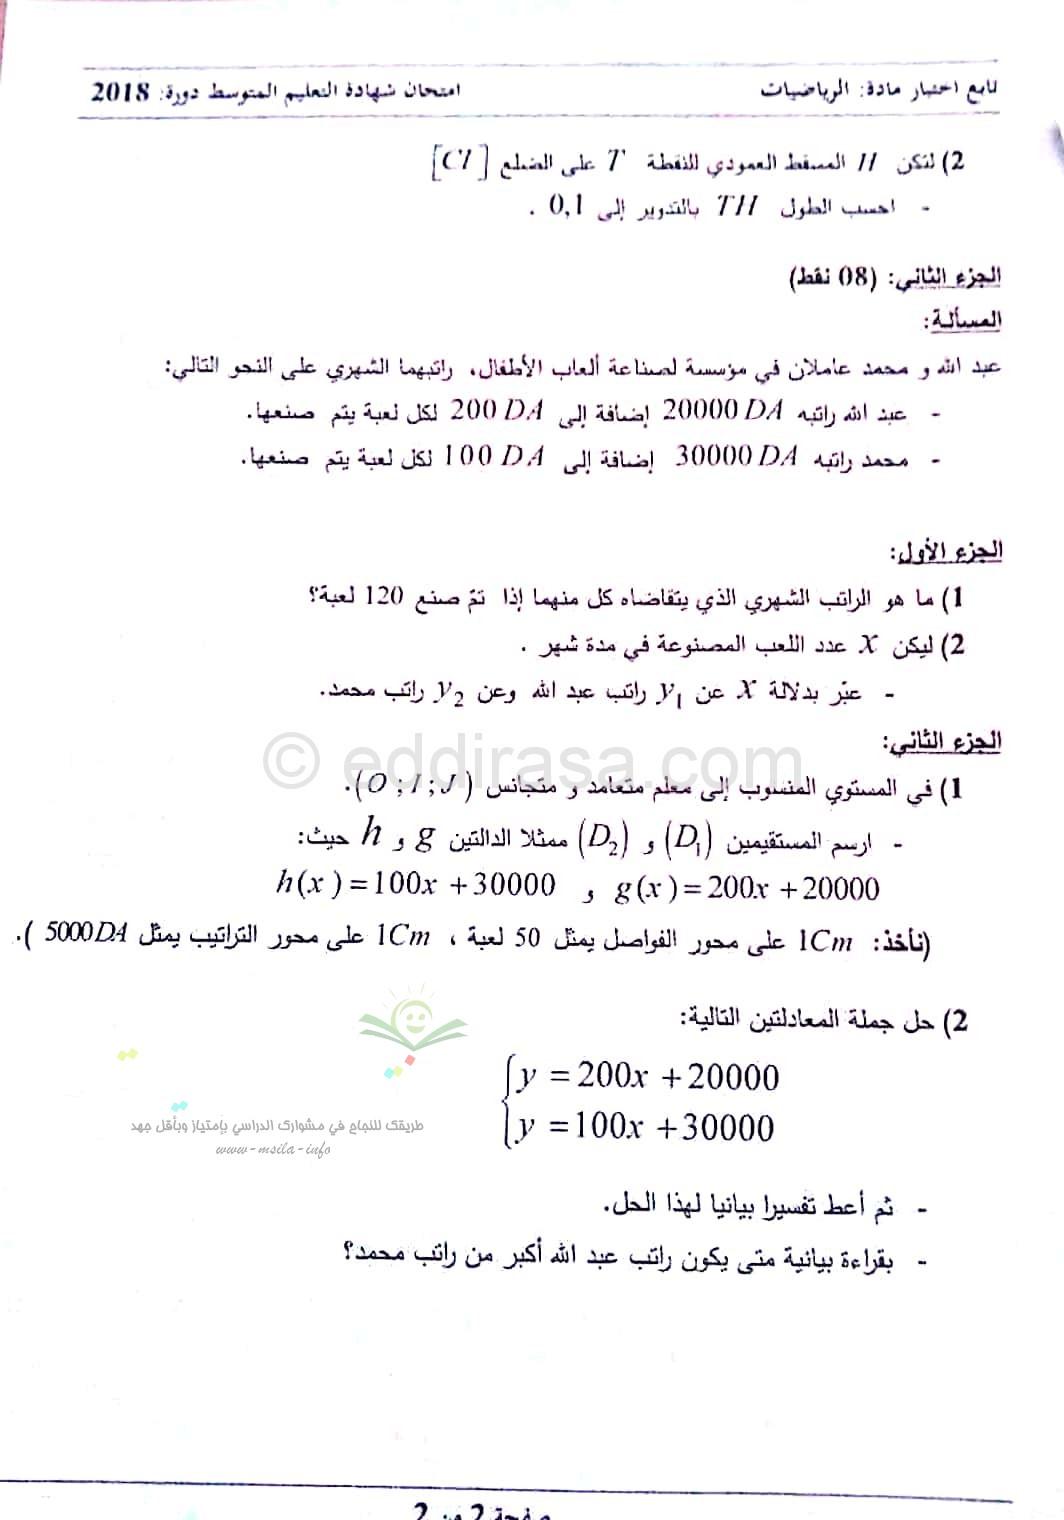 موضوع اختبار مادة الرياضيات لشهادة التعليم المتوسط 2018 Bem-ma11